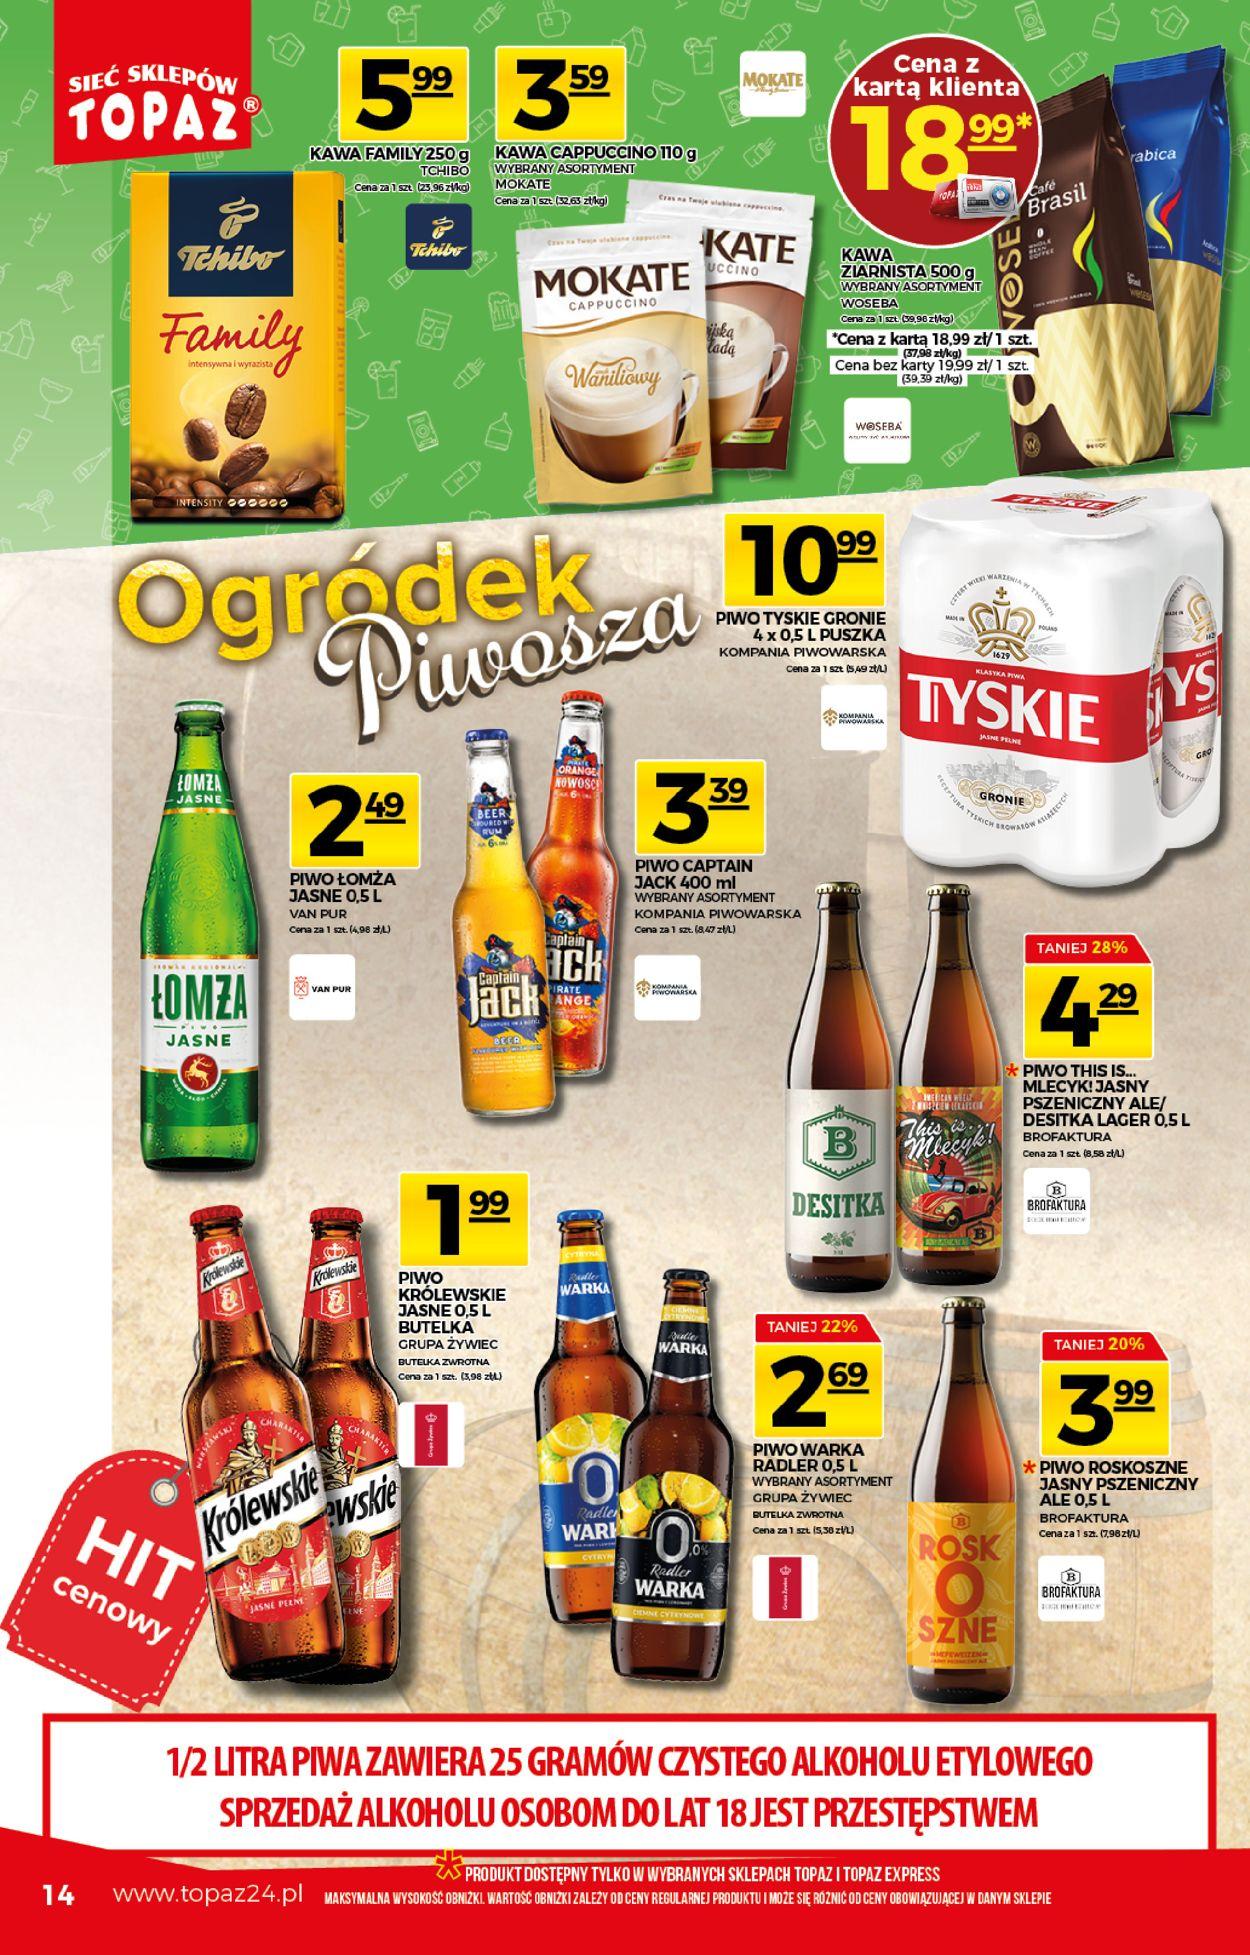 Gazetka promocyjna Topaz - 06.08-12.08.2020 (Strona 14)